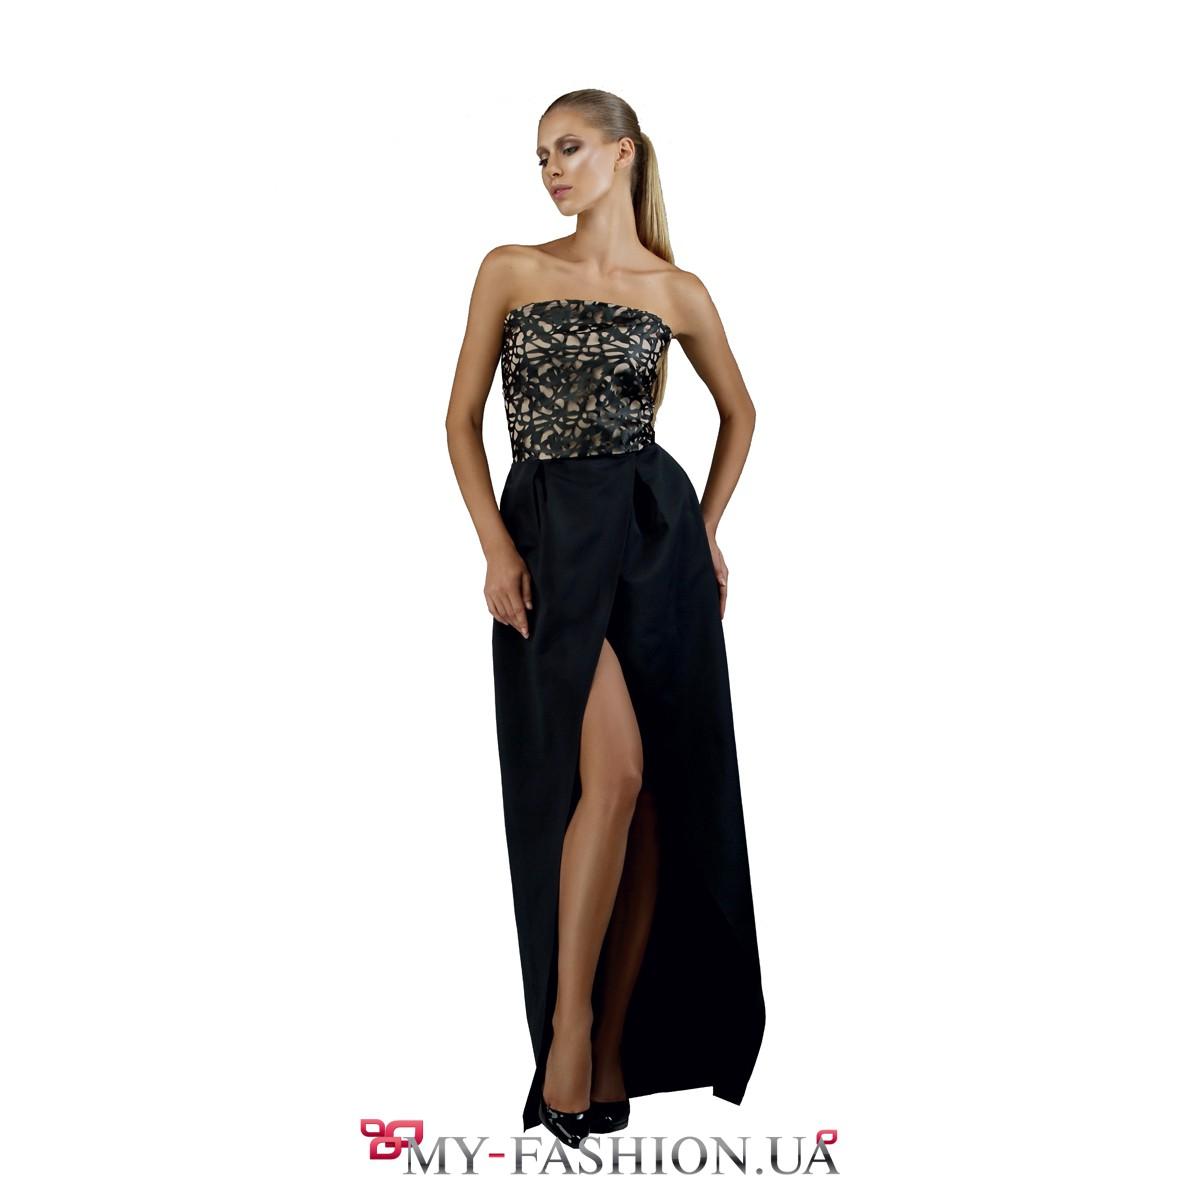 Вечерние платья юбки доставка